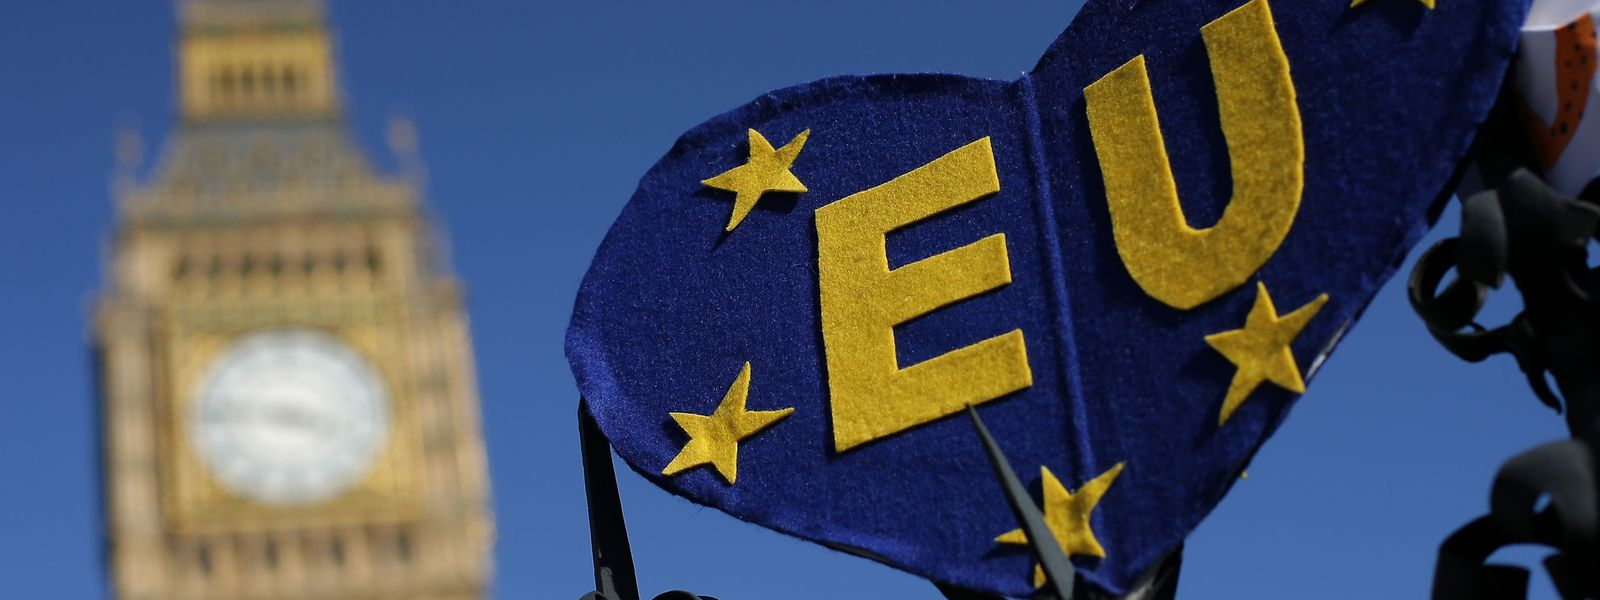 Großbritannien will Ende März 2019 die EU, den gemeinsamen Binnenmarkt und die Zollunion nach mehr als 40 Jahren Mitgliedschaft verlassen.